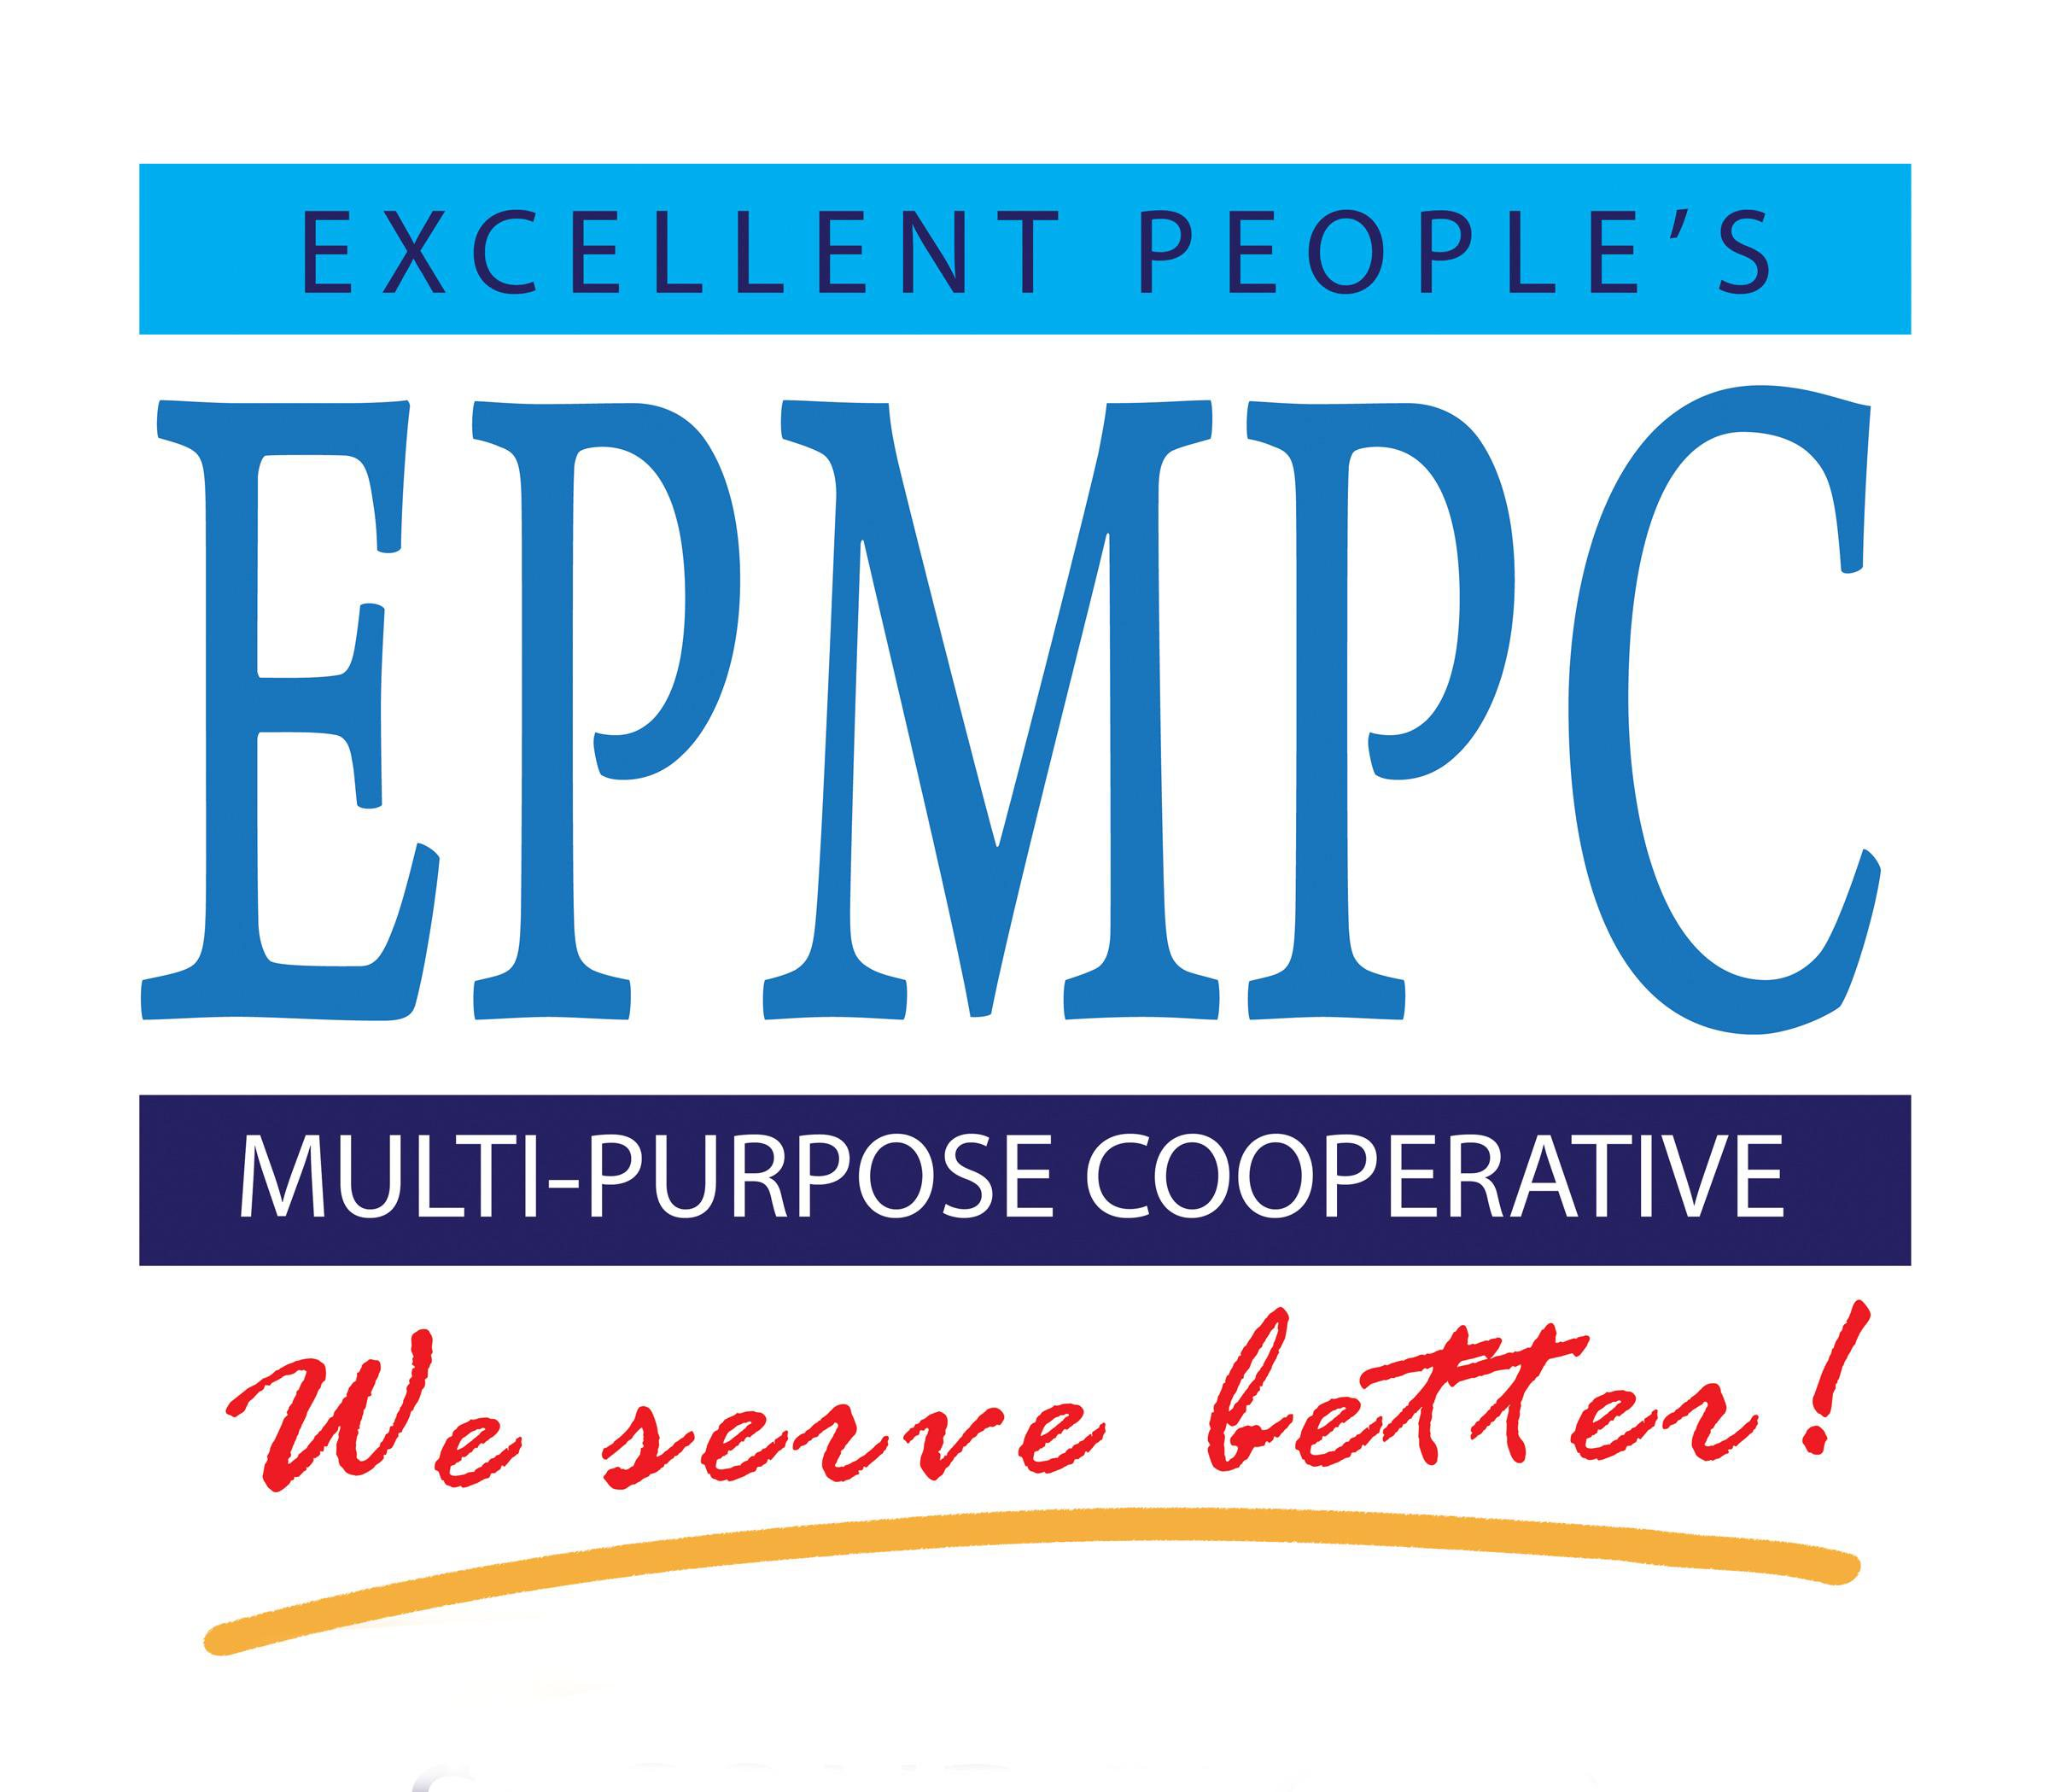 EPMPC